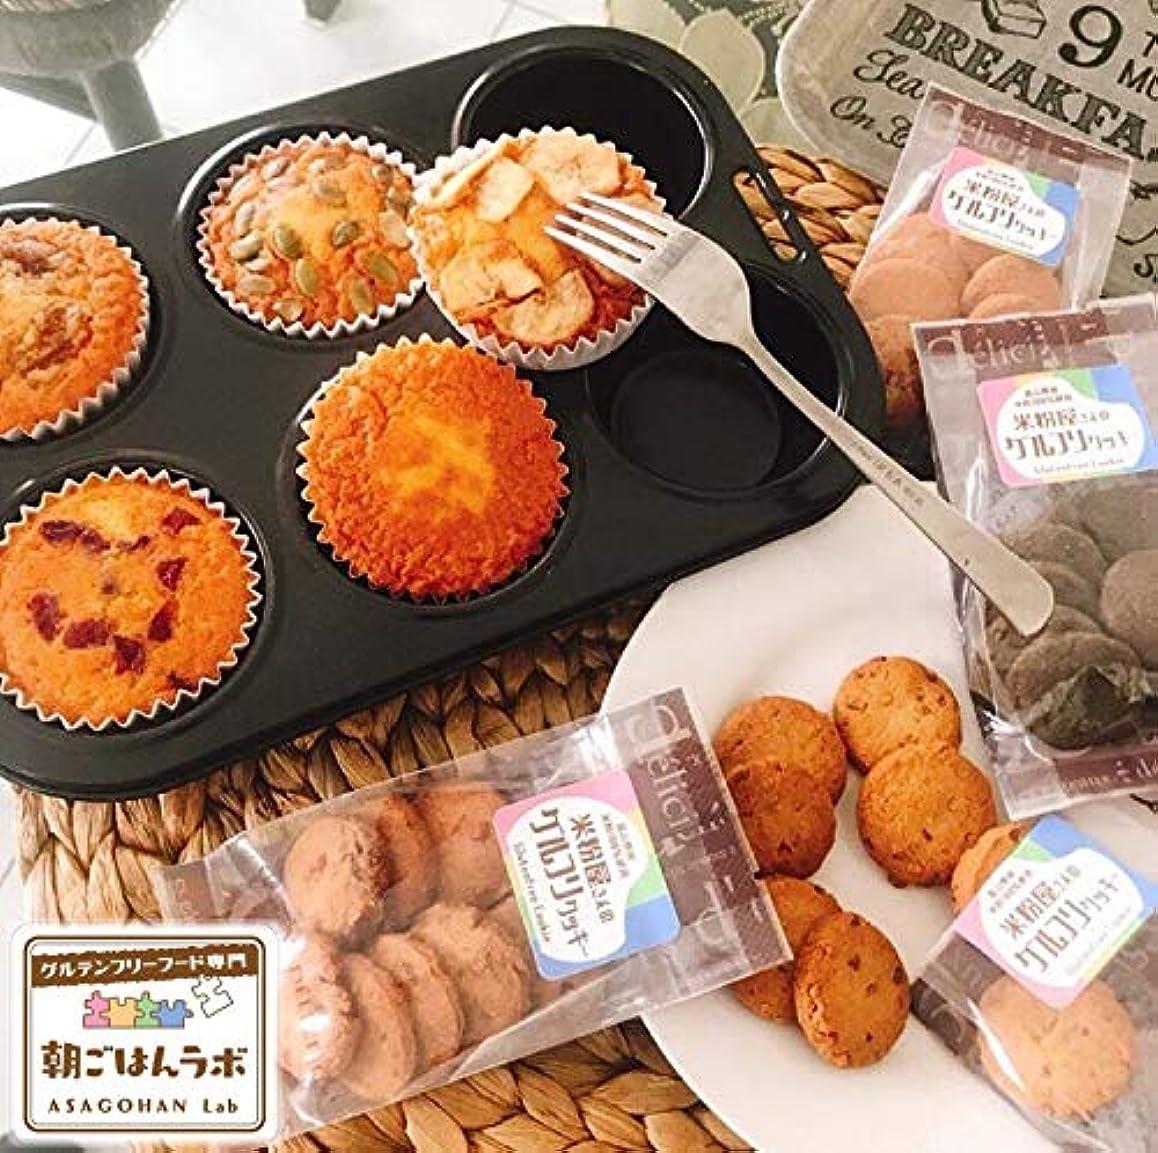 空中ポータブル伝導率米粉屋さんのグルフリクッキー小袋 4袋&グルフリベイク5個 グルテンフリー 朝ごはんラボ